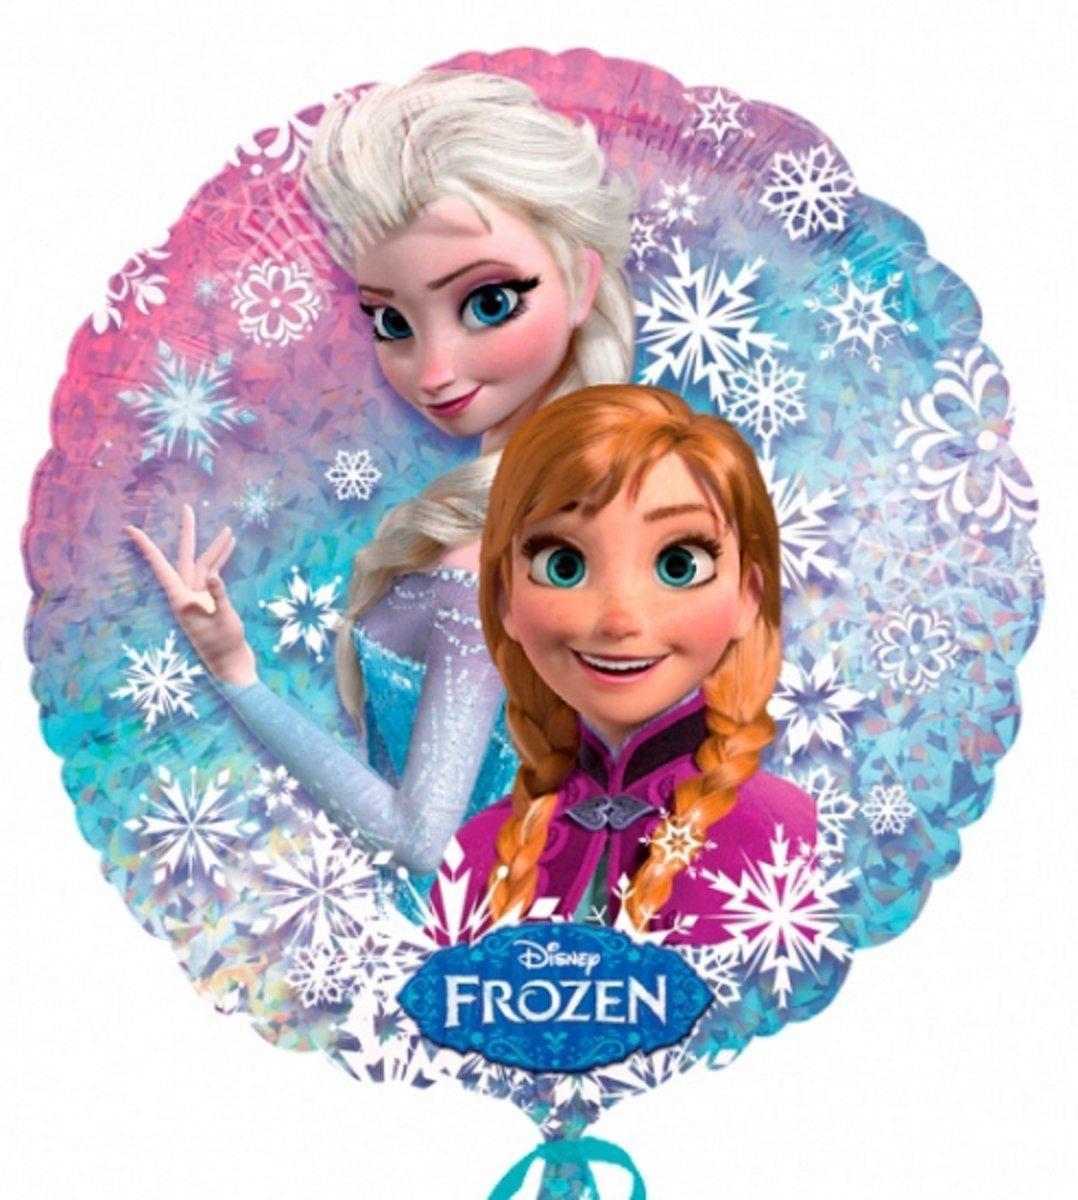 Frozen Kersttrui.Frozen Theewagen Set 47 Disney Blauw Hobbyenspeelgoed Nl